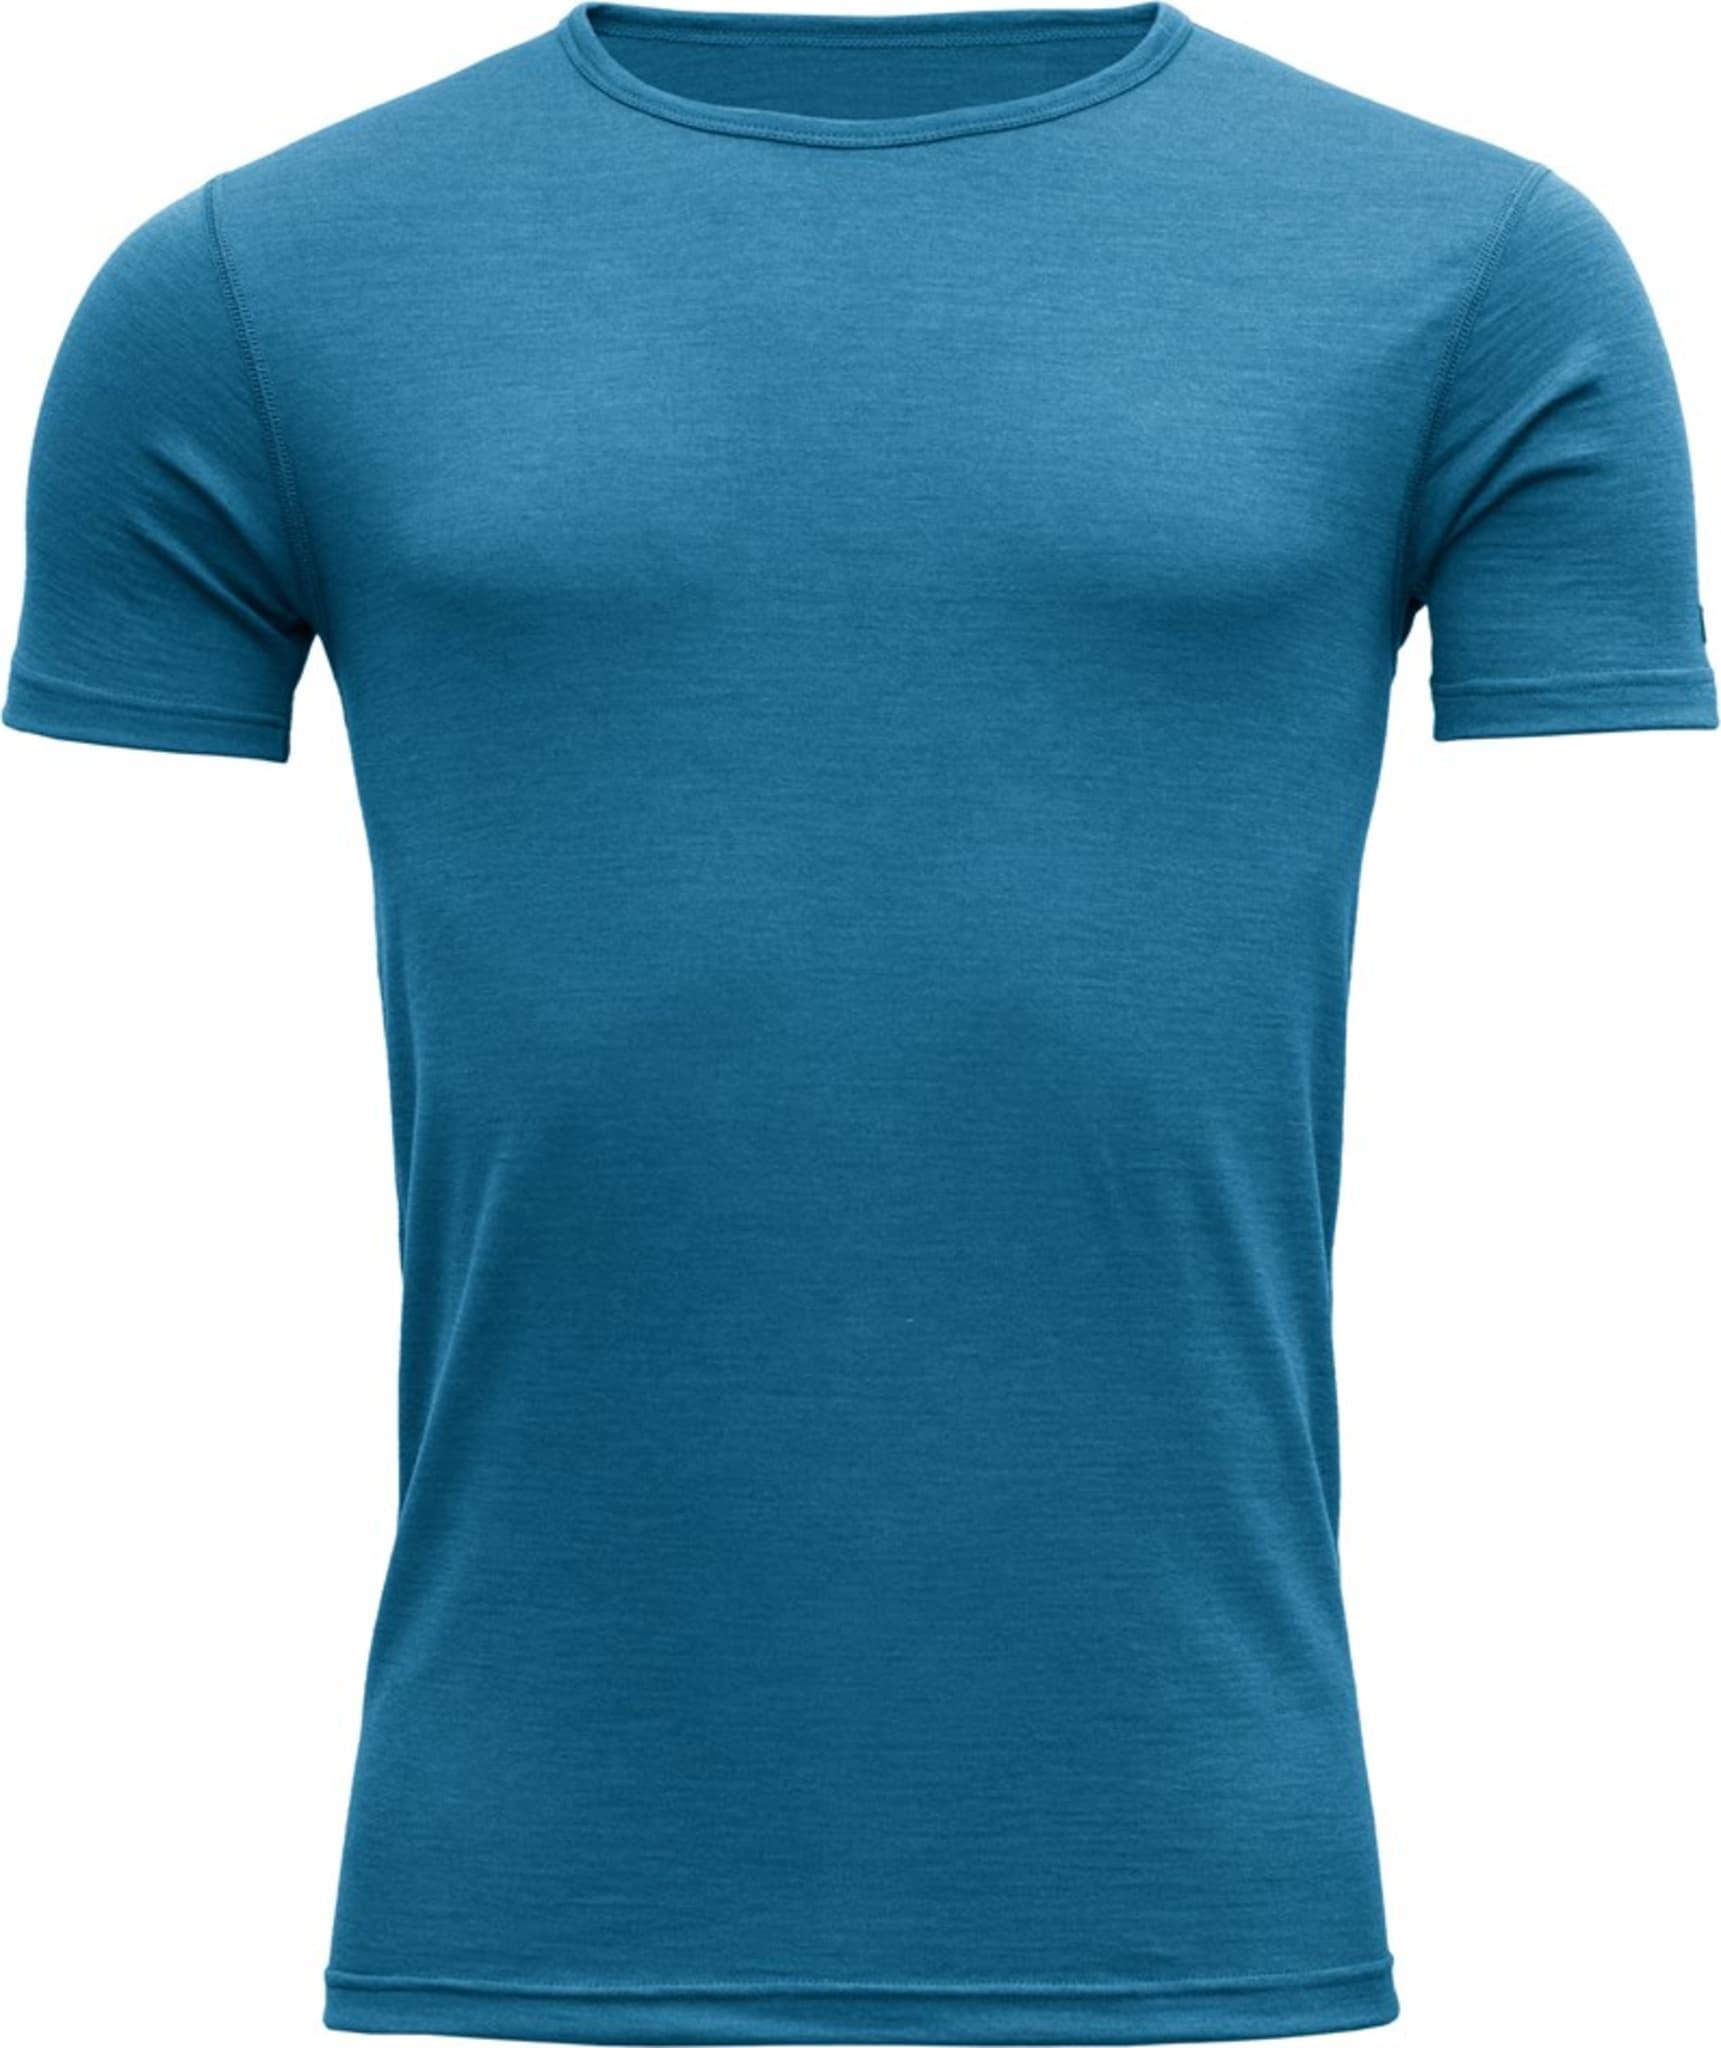 Myk og behagelig t-skjorte i 100% merinoull